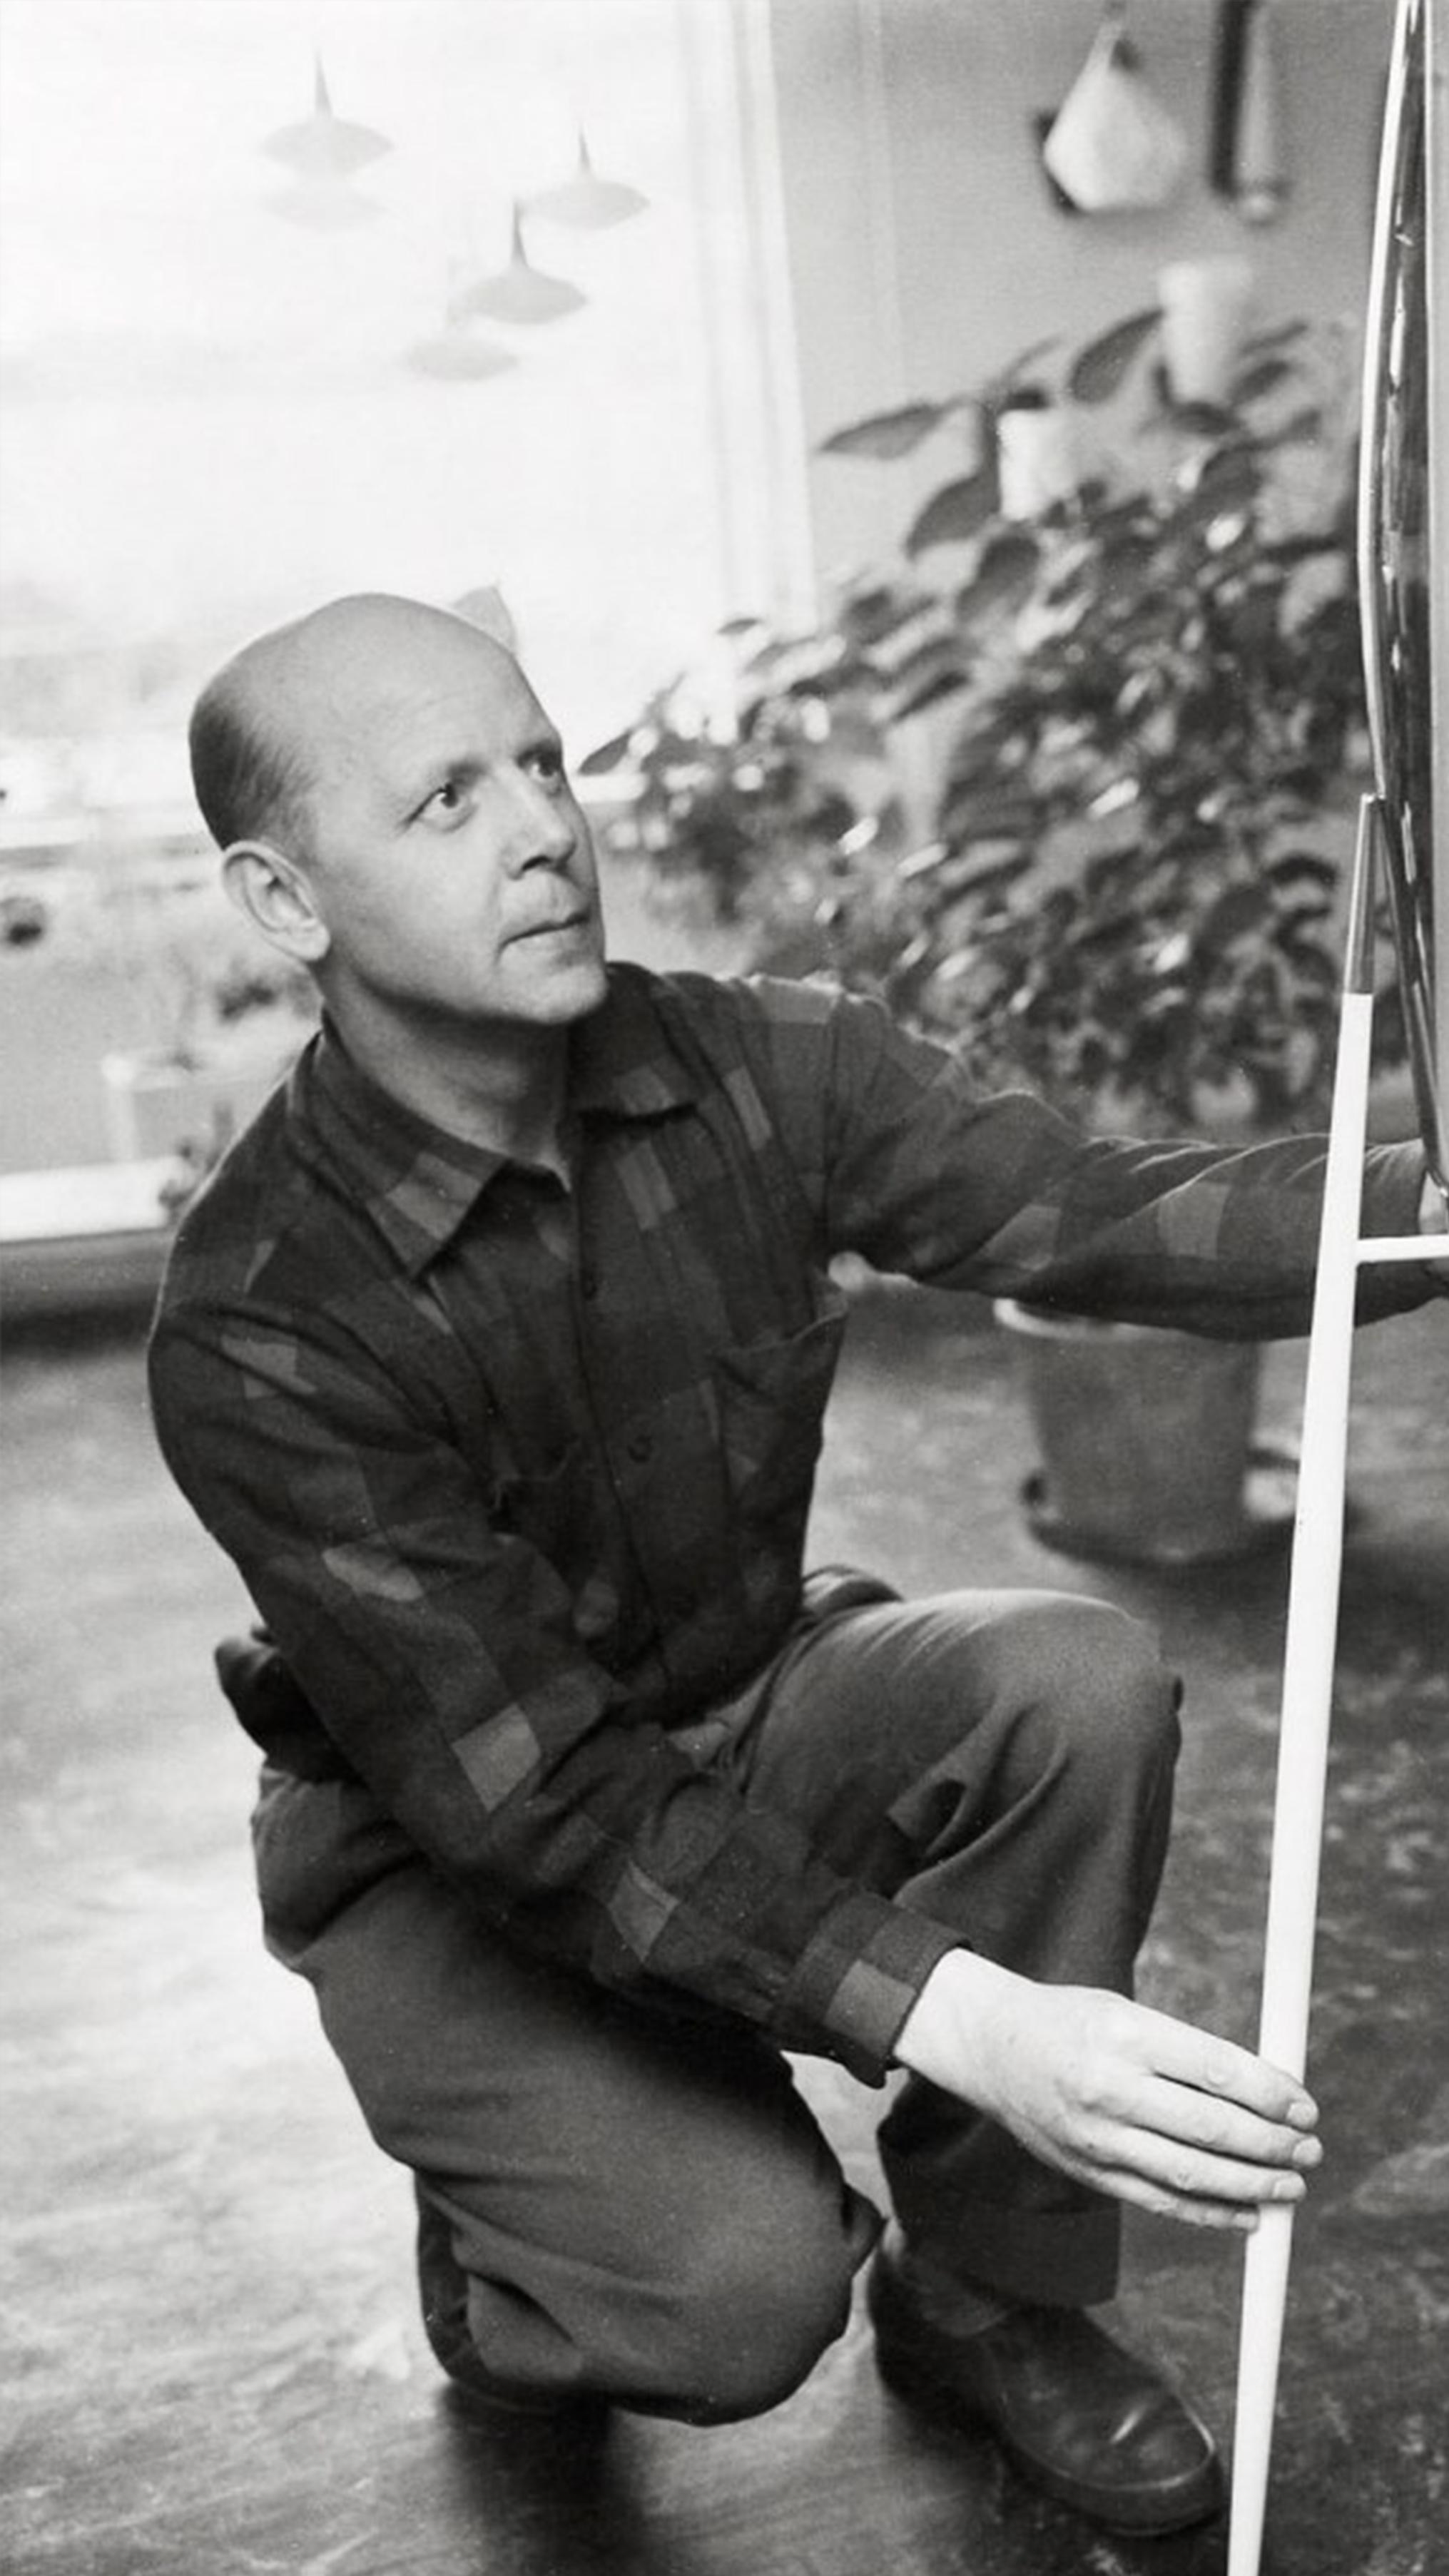 Svend Aage Holm-Sorensen